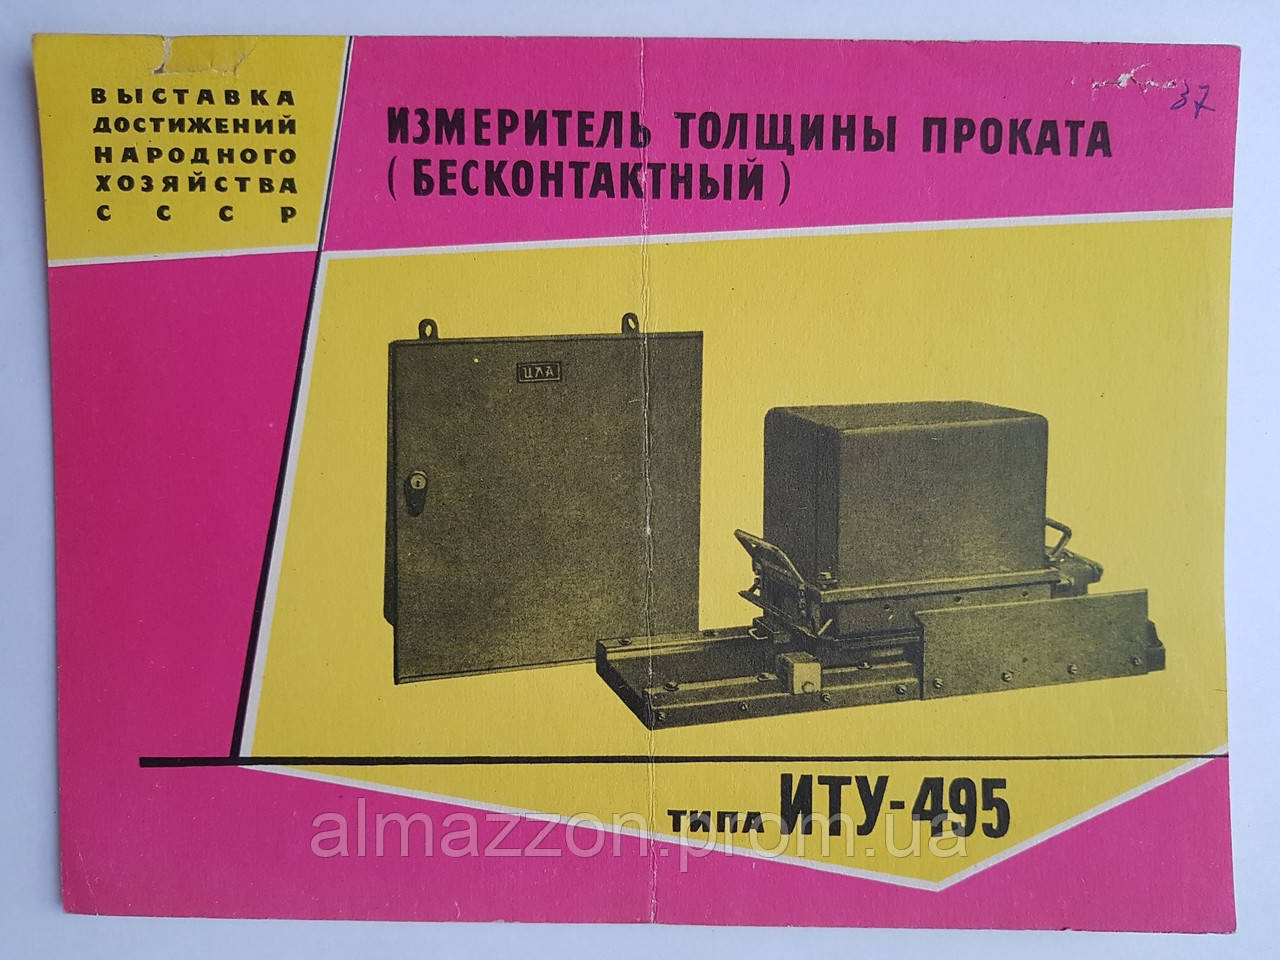 Реклама ВДНХ Измеритель толщины проката (бесконтактный) ИТУ-495